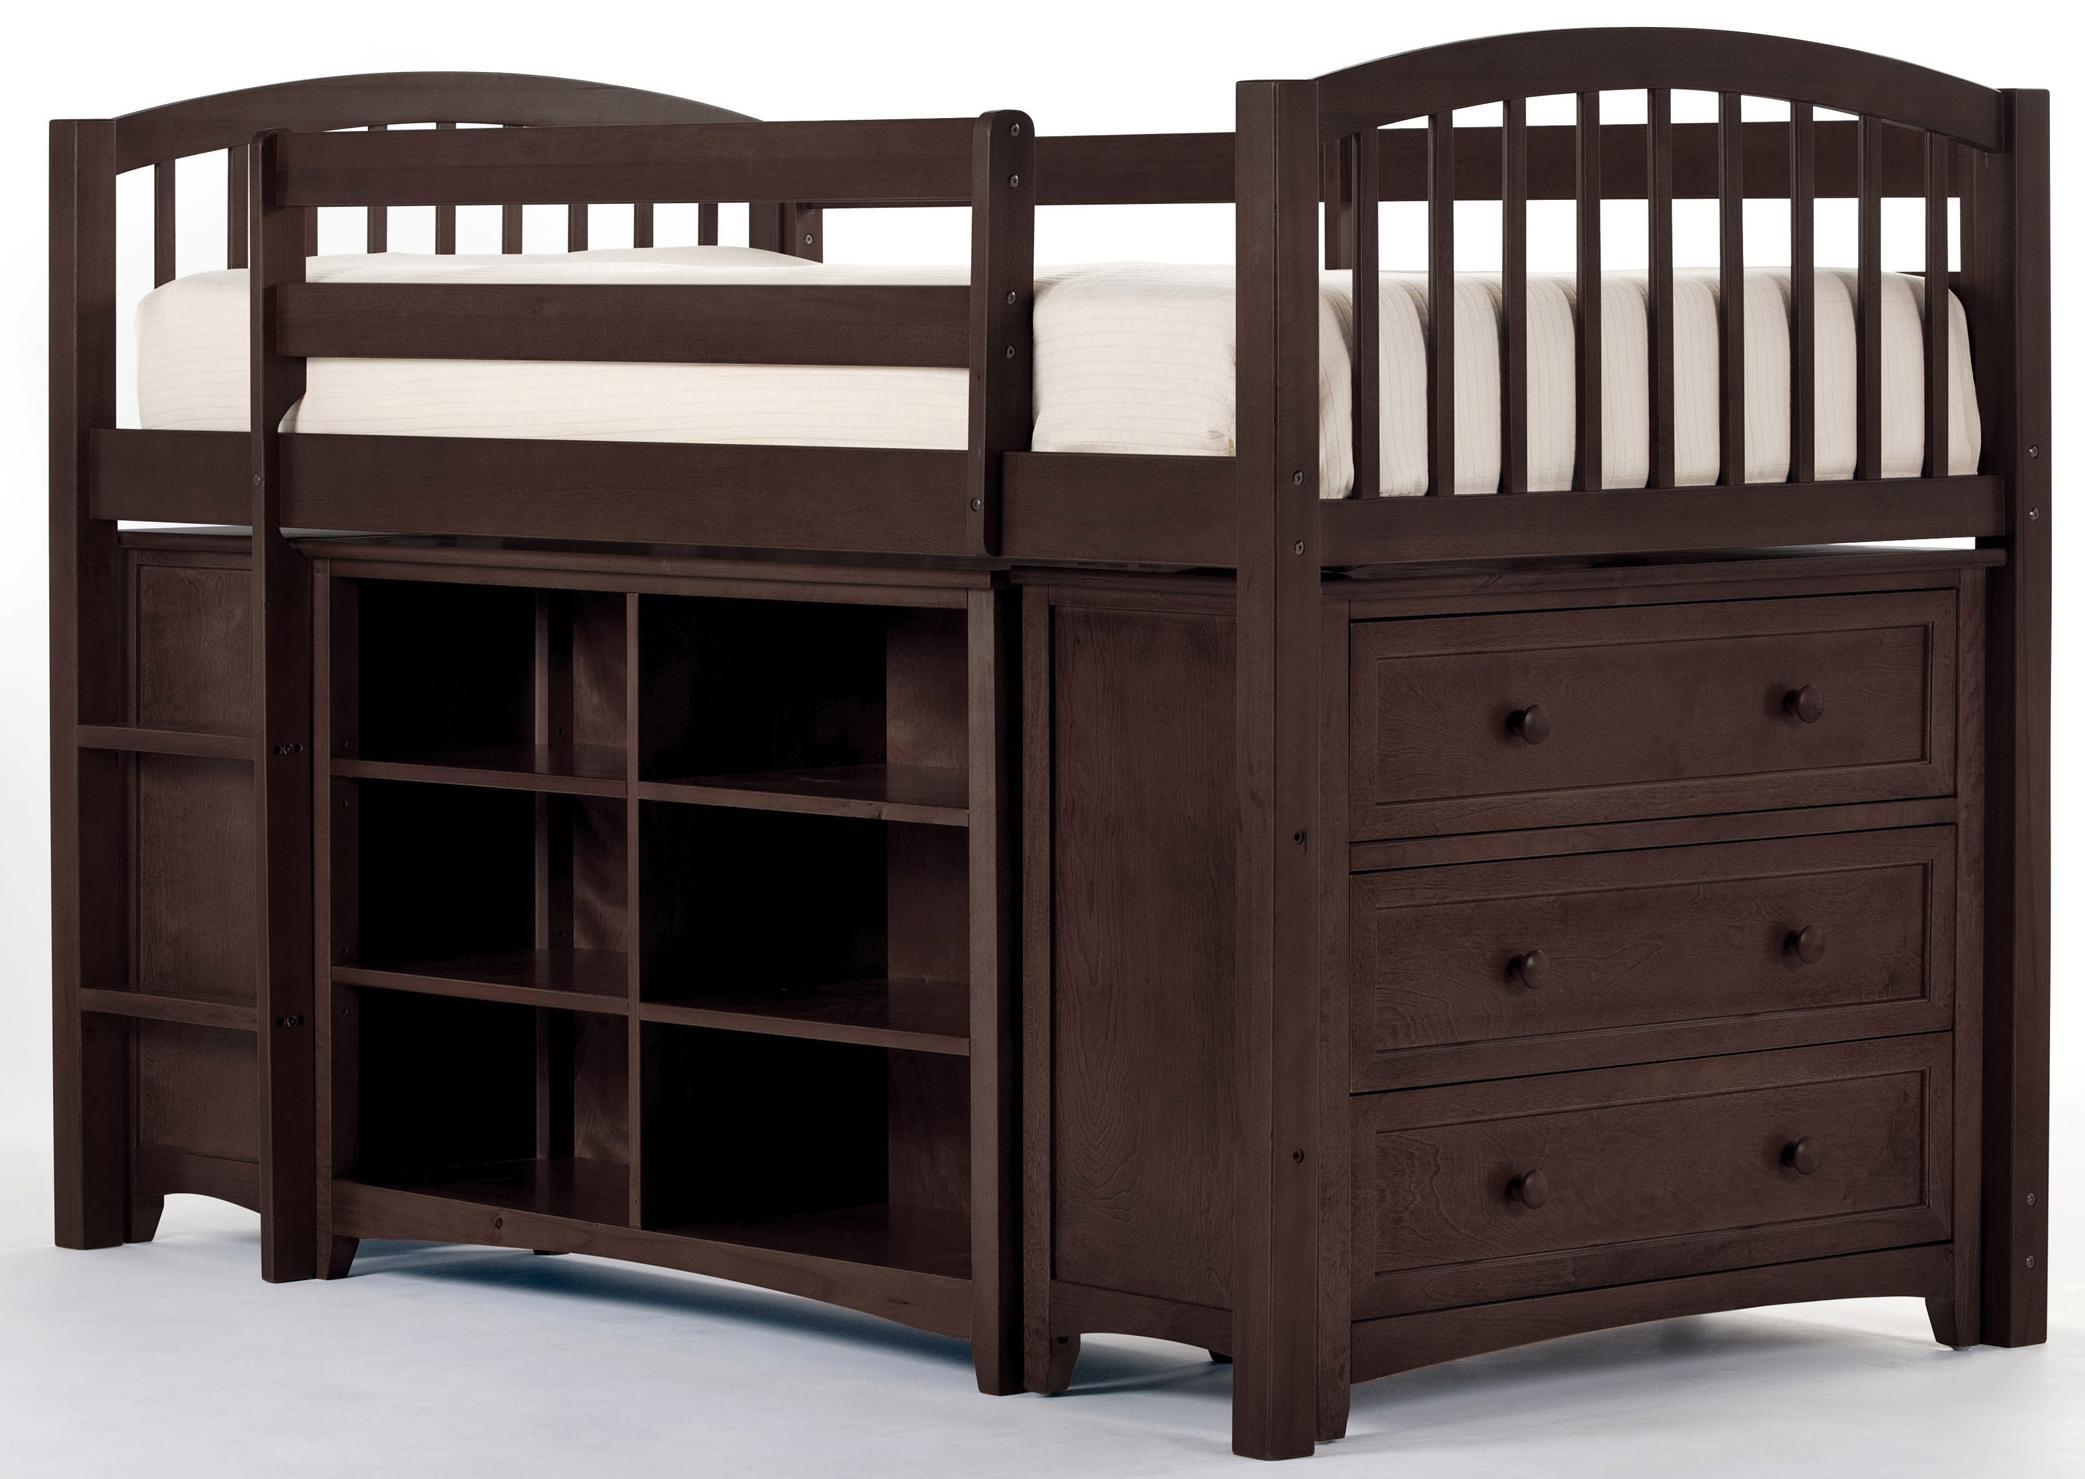 Ne Kids School House Junior Loft Bed W Chest And Shelves